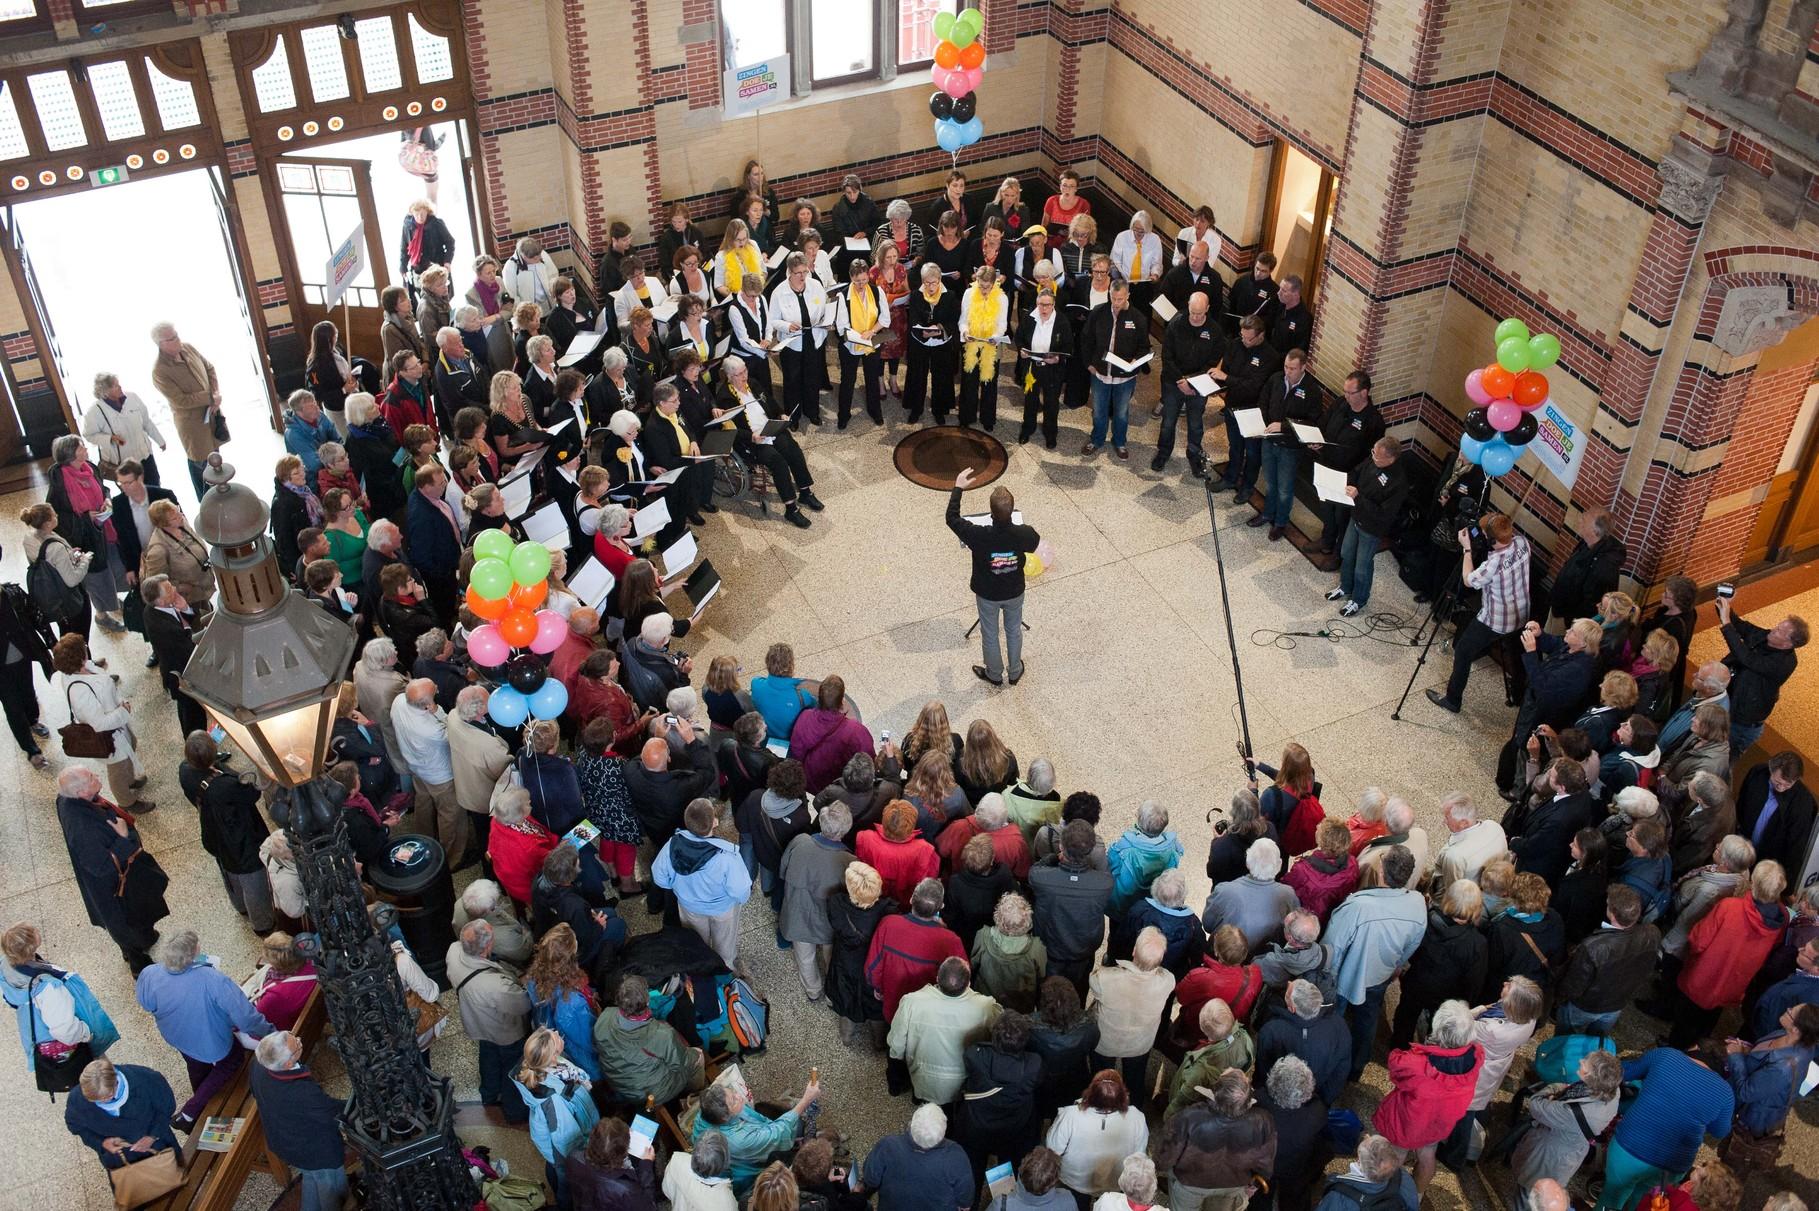 Met het Nederlands Kamerkoor, Zingen doe je samen, Stationshal Groningen, juni 2012